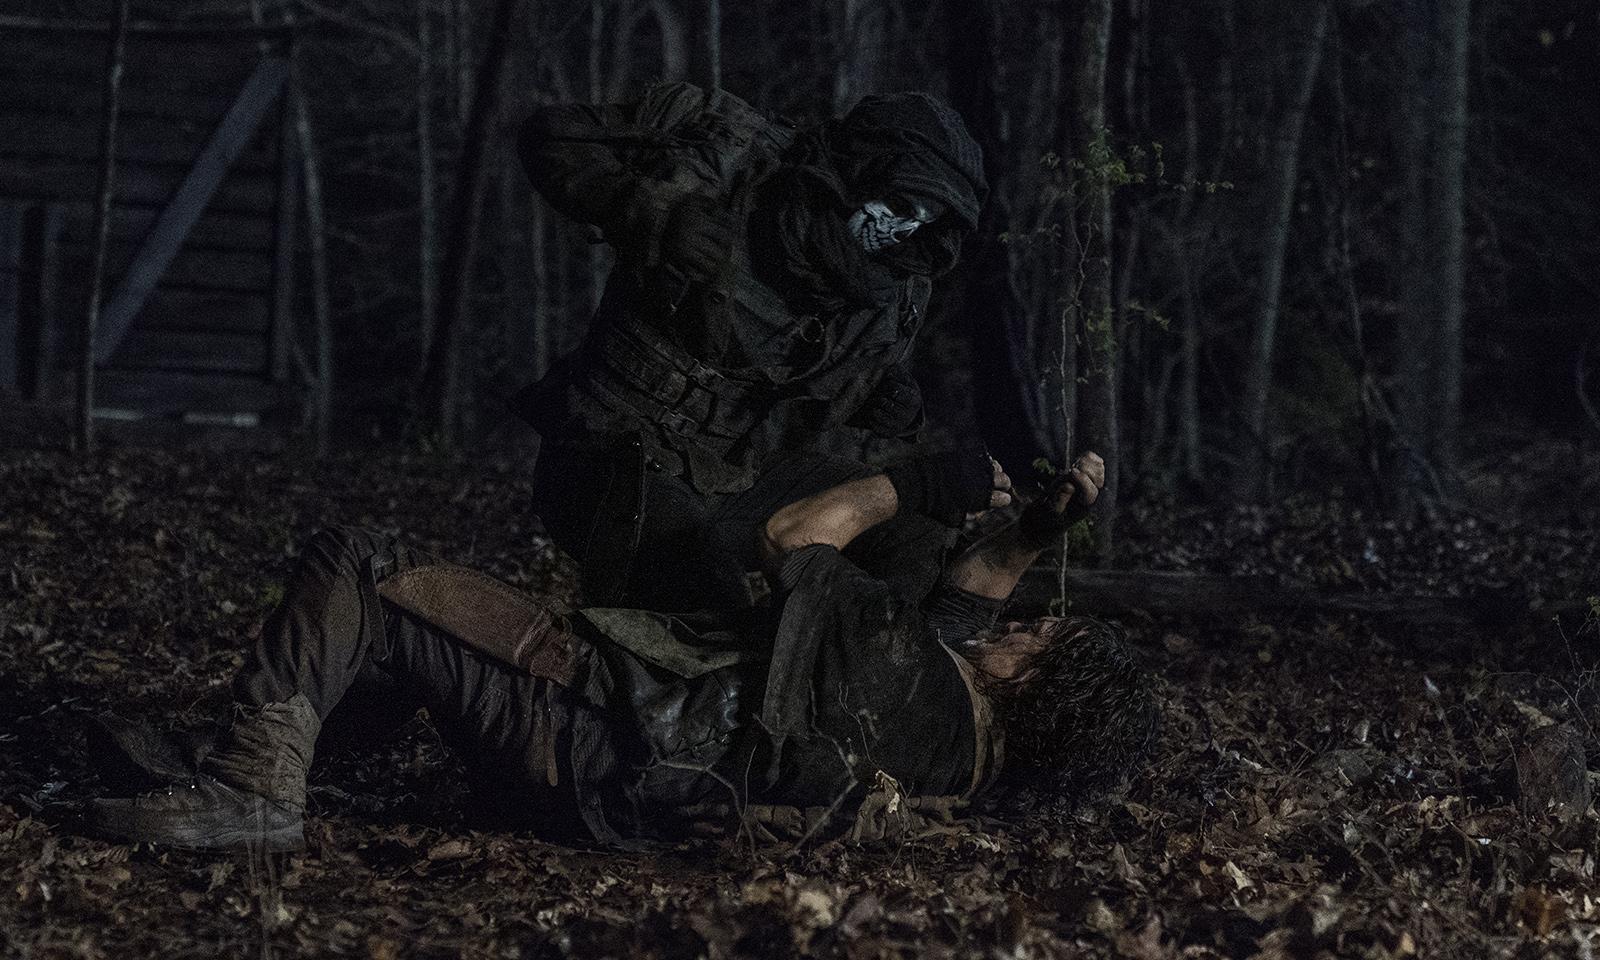 Daryl lutando contra um Ceifador no episódio 4 da 11ª temporada de The Walking Dead.